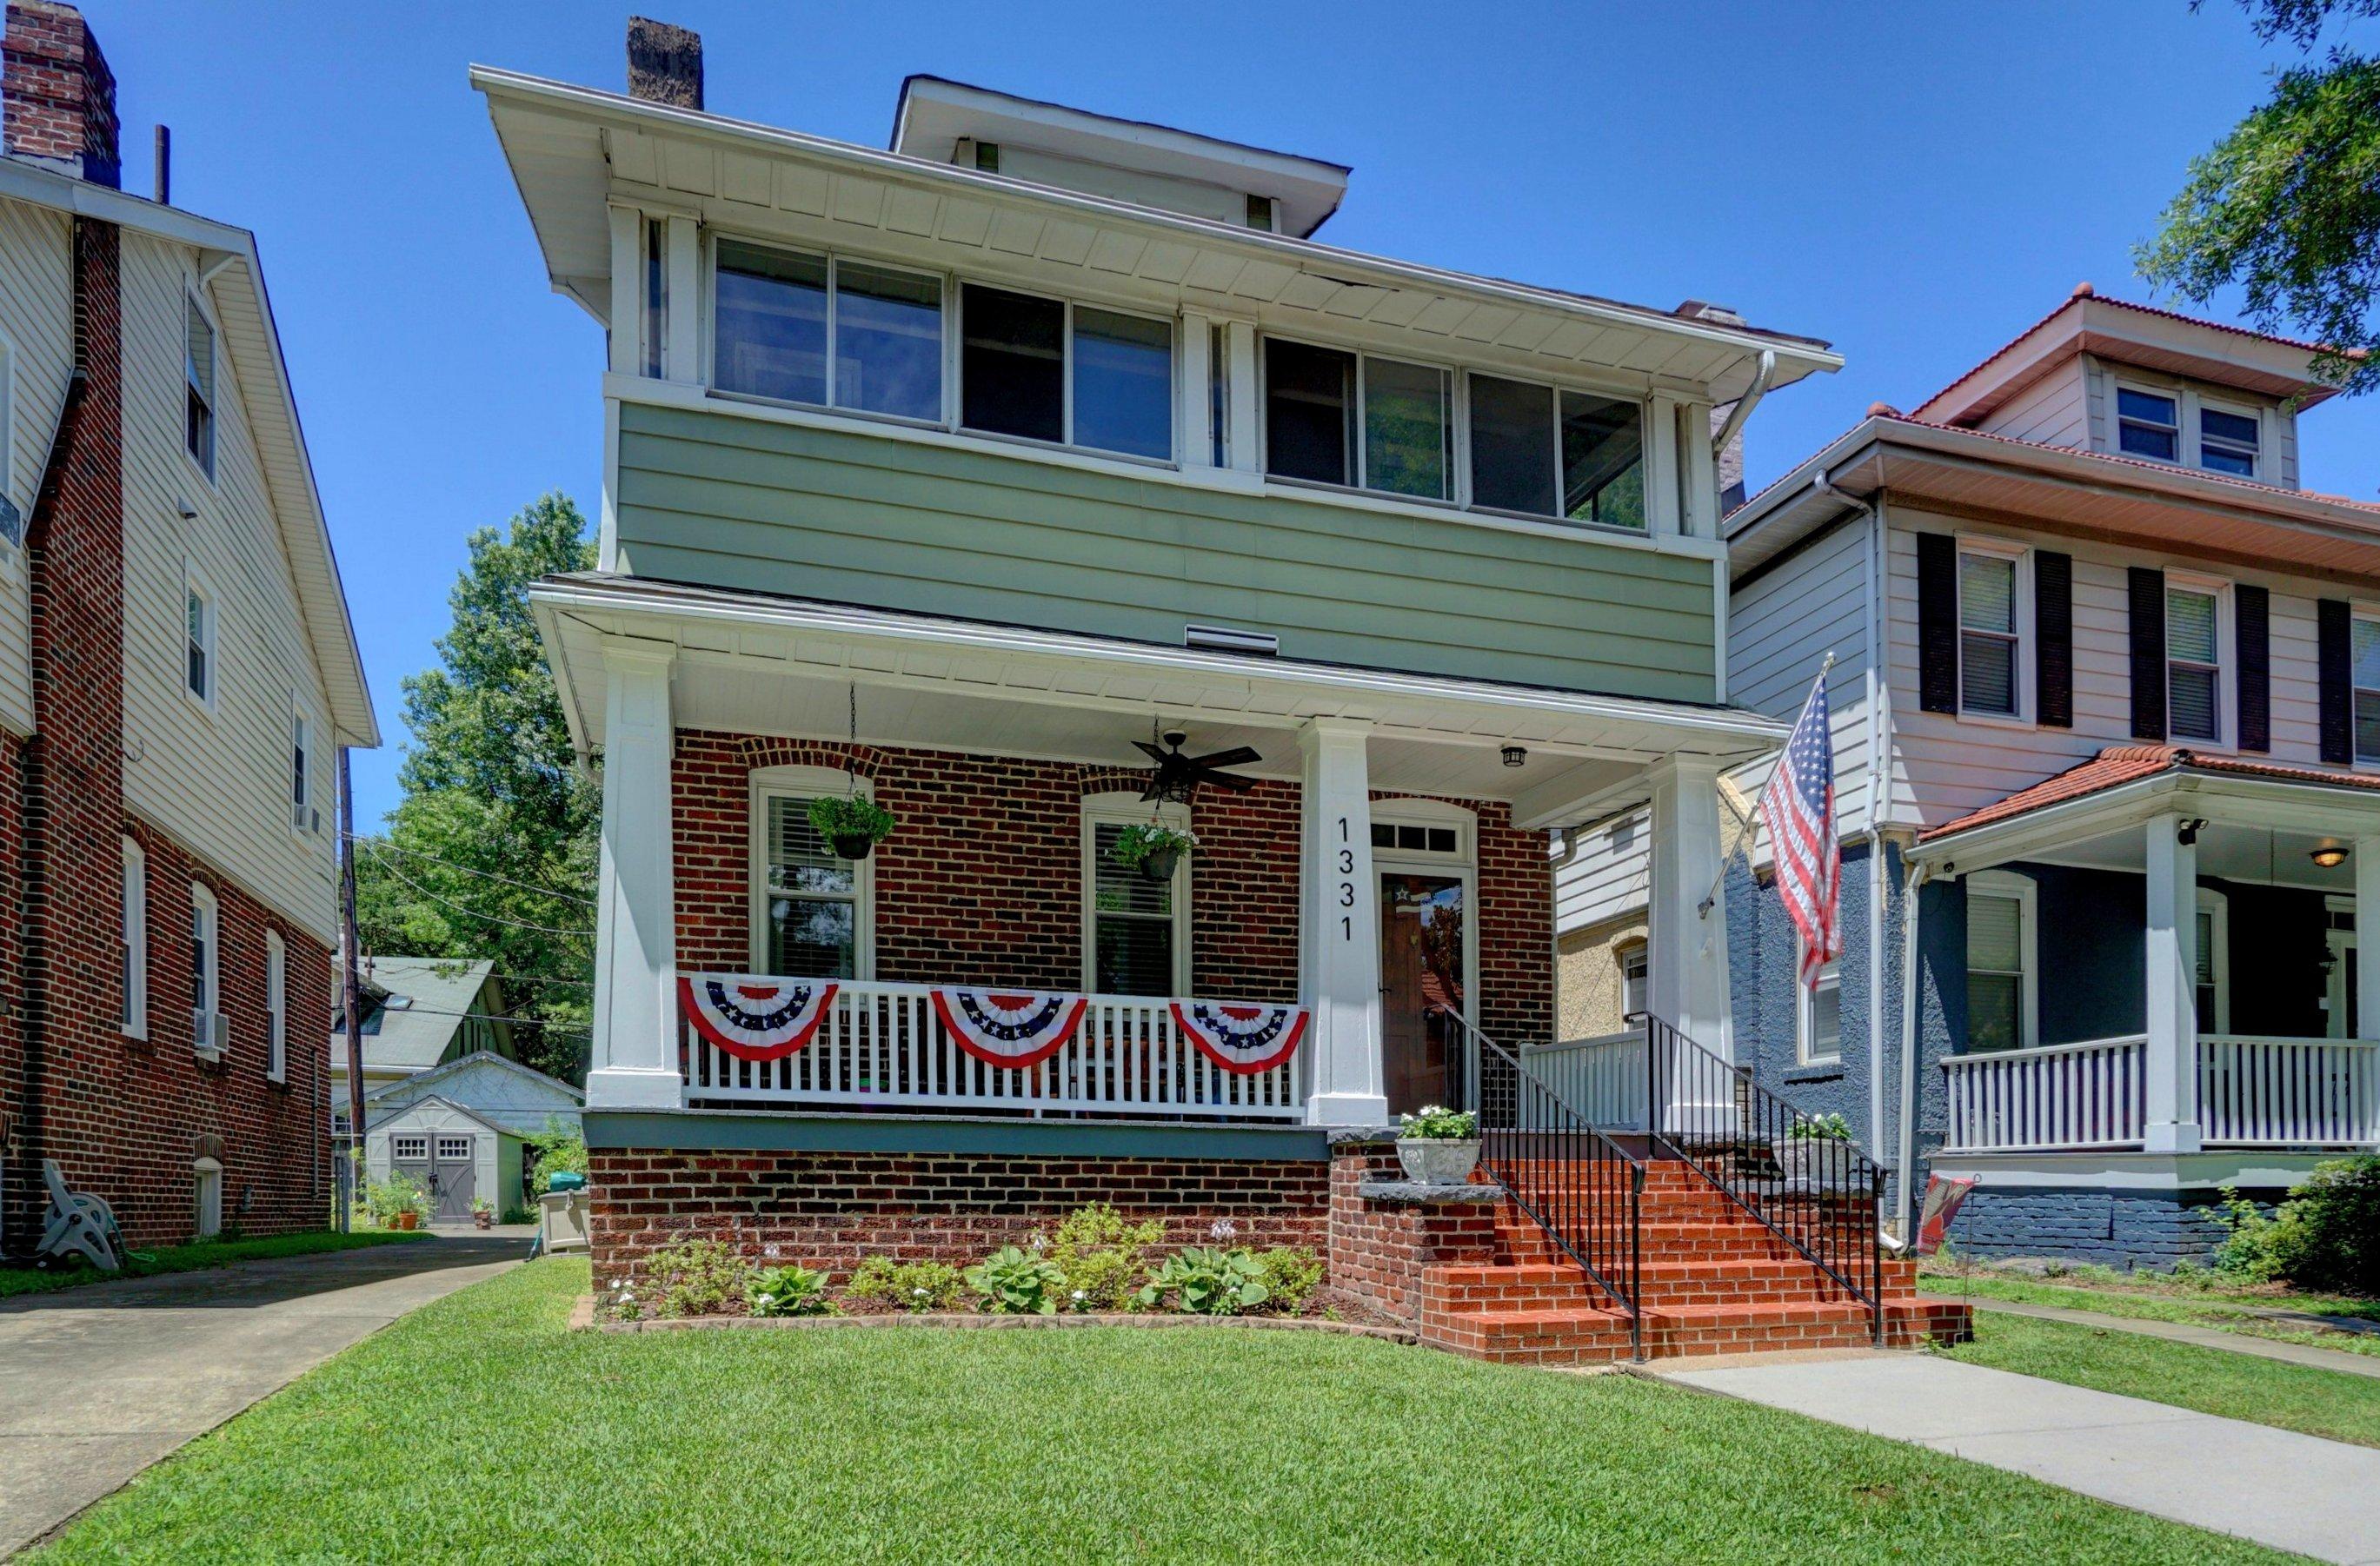 1331 Westover Avenue: Sold!